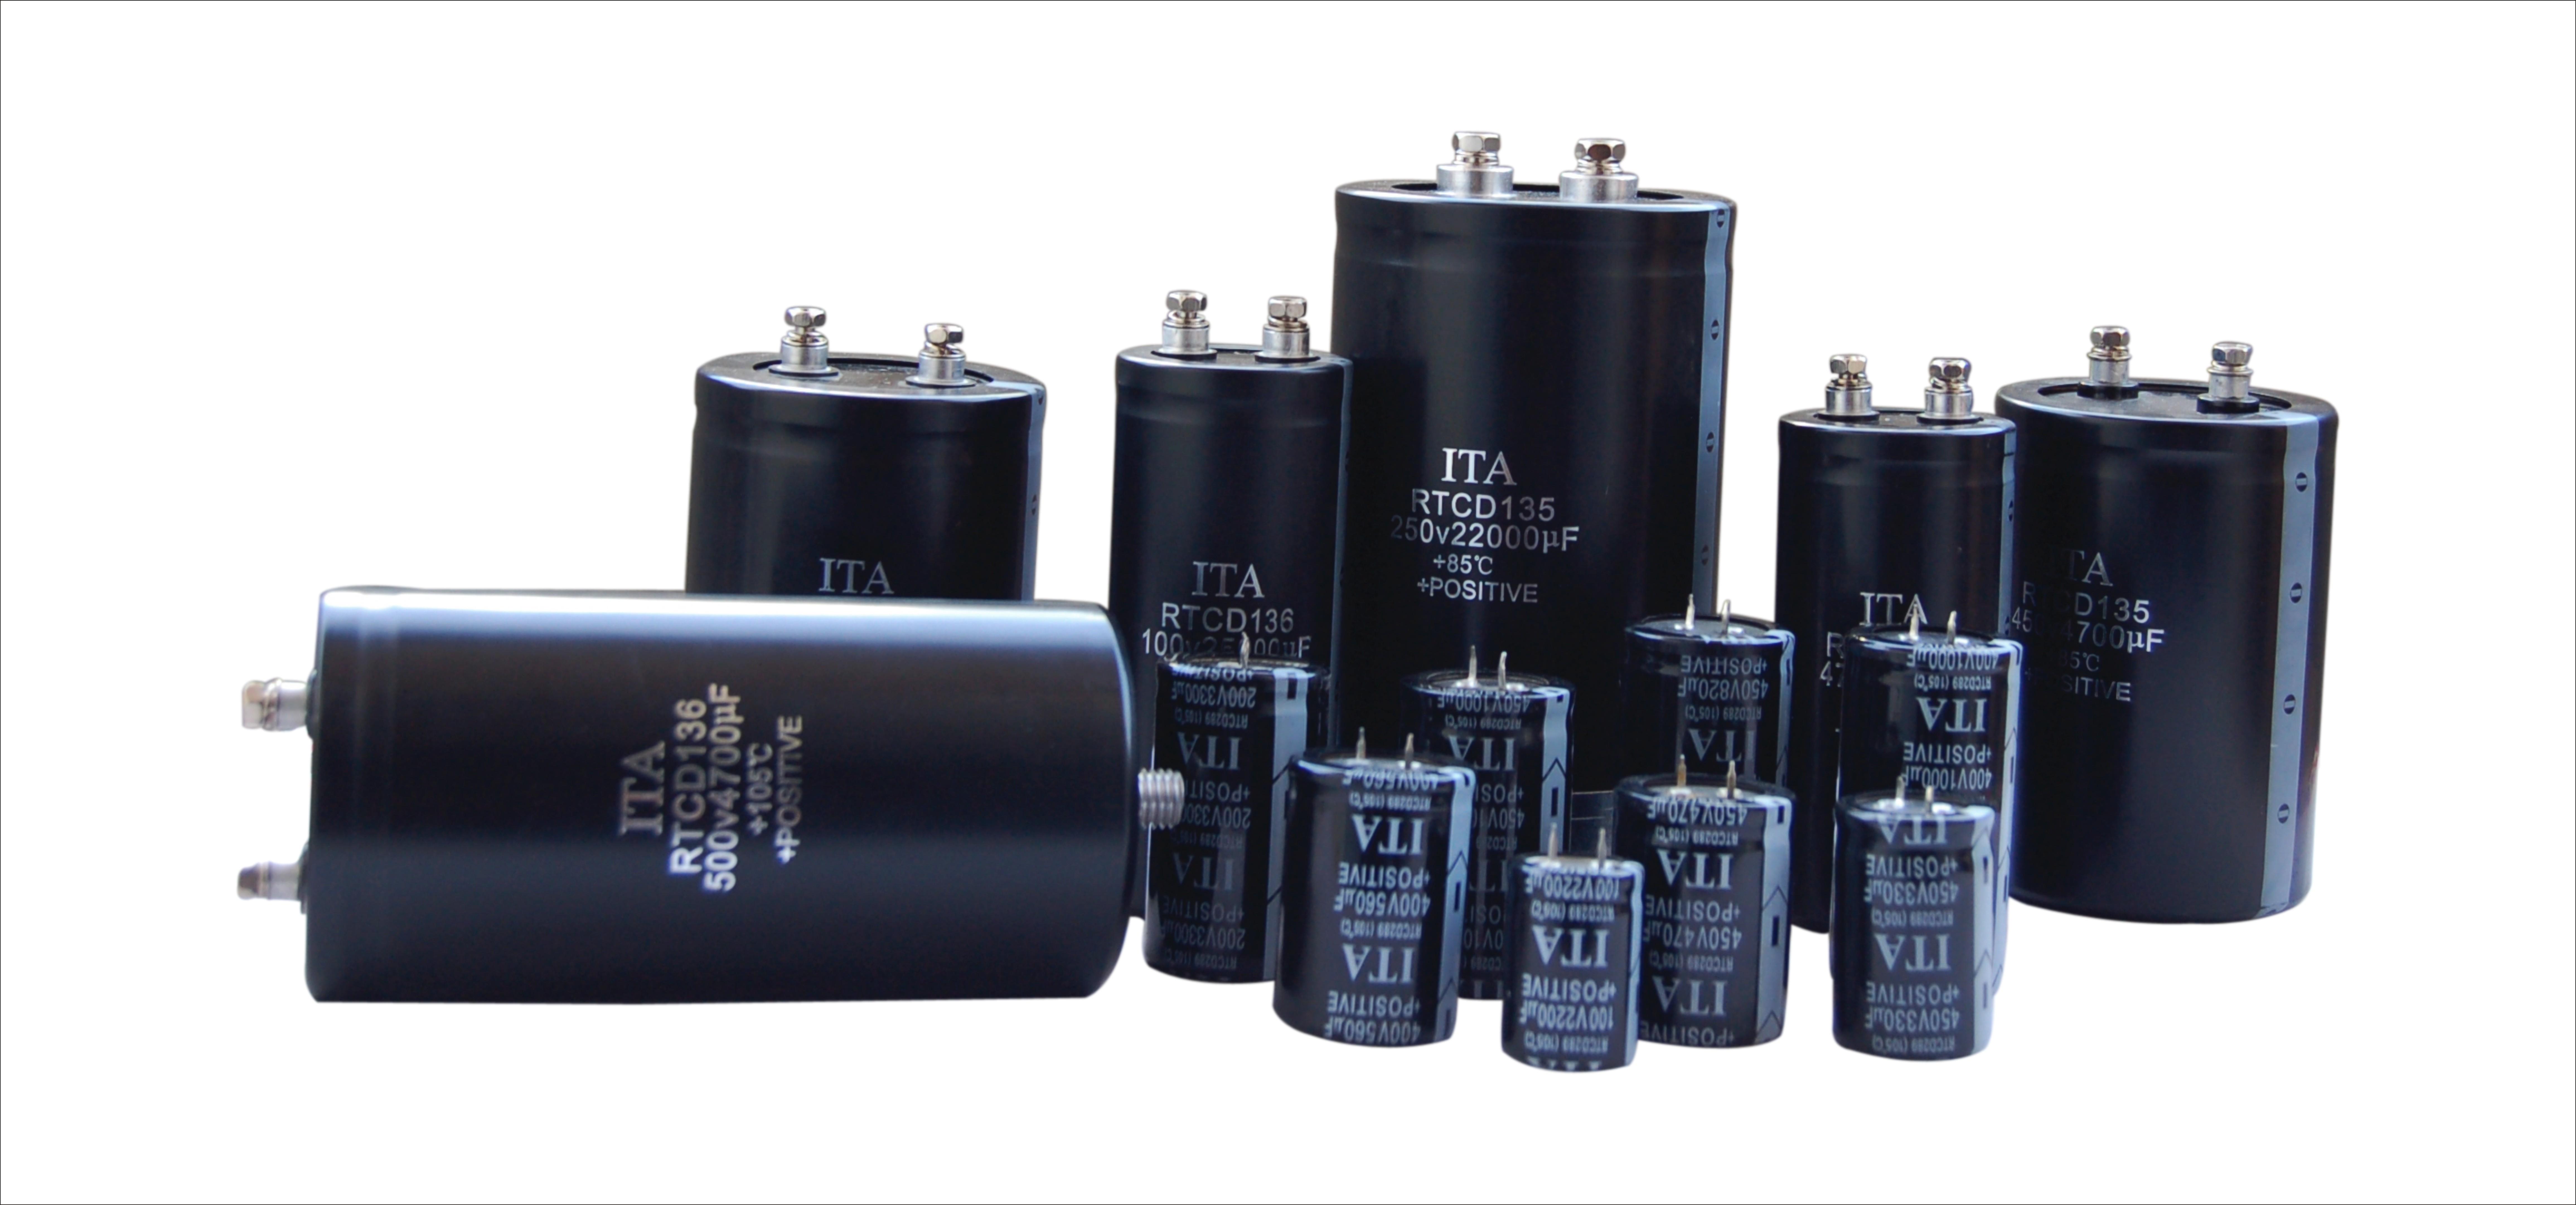 铝电解电容-电解电容-电解电容厂家-高压电解电容-电容器-深圳日田电容器